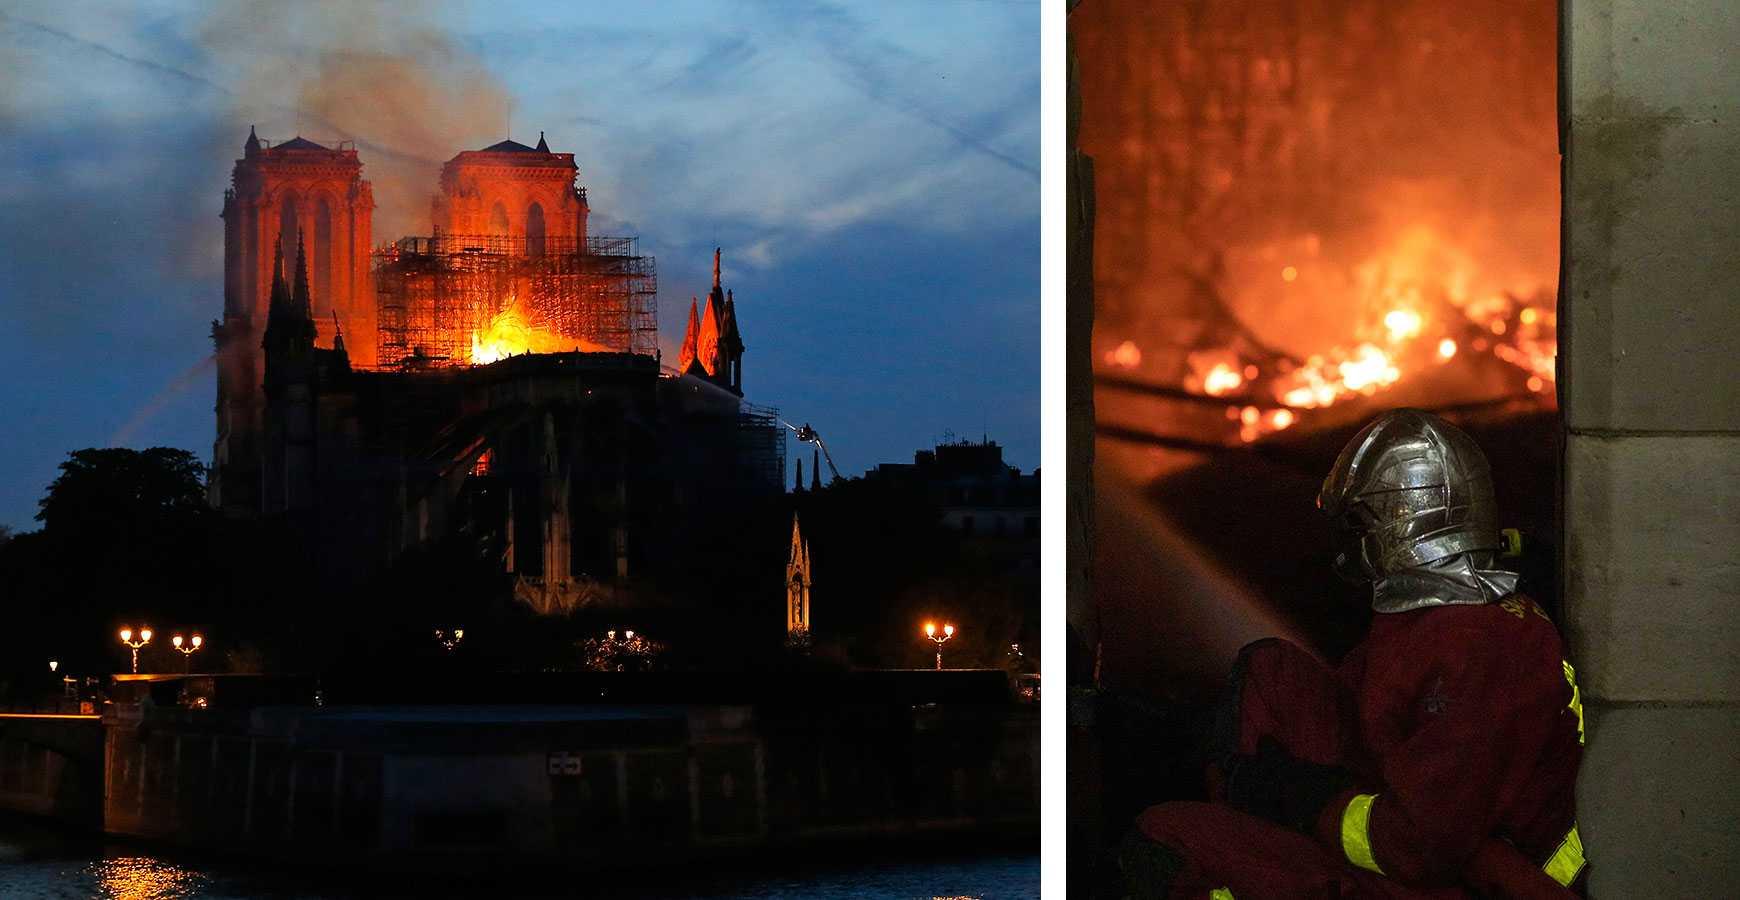 Brandmännen berättar om skräcken i Notre-Dame